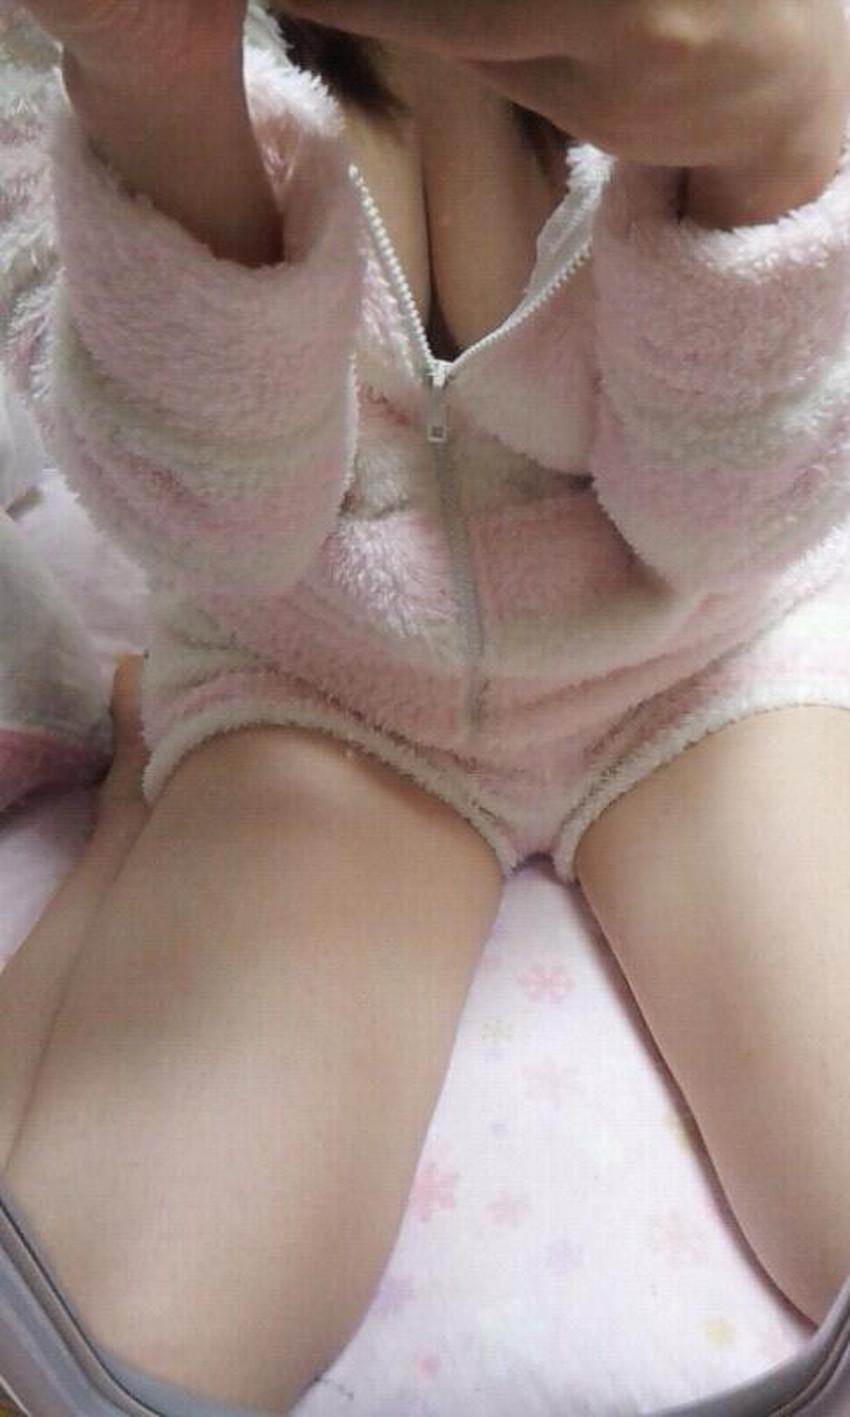 【毛糸のパンツエロ画像】手編み感のある温かそうな毛糸のパンツがパンチラしちゃった毛糸のパンツのエロ画像集!ww【80枚】 64